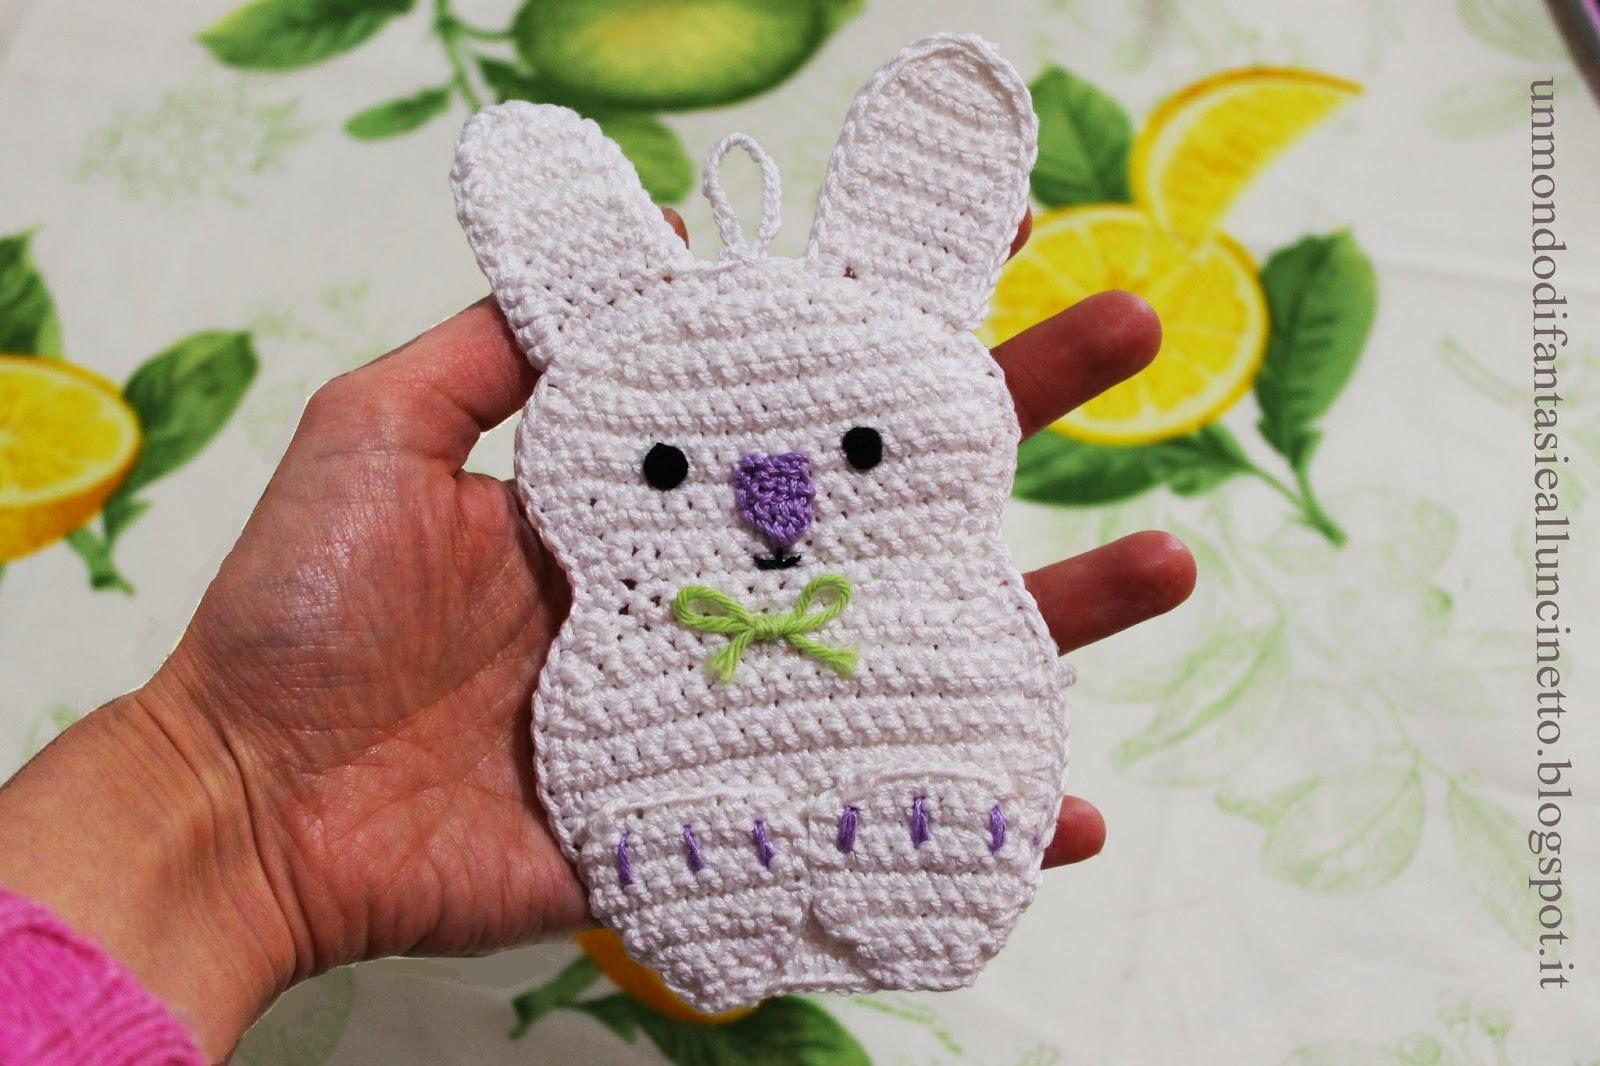 Crochet Schema Presina Uncinetto Regali Wwwmiglioreimmaginicom